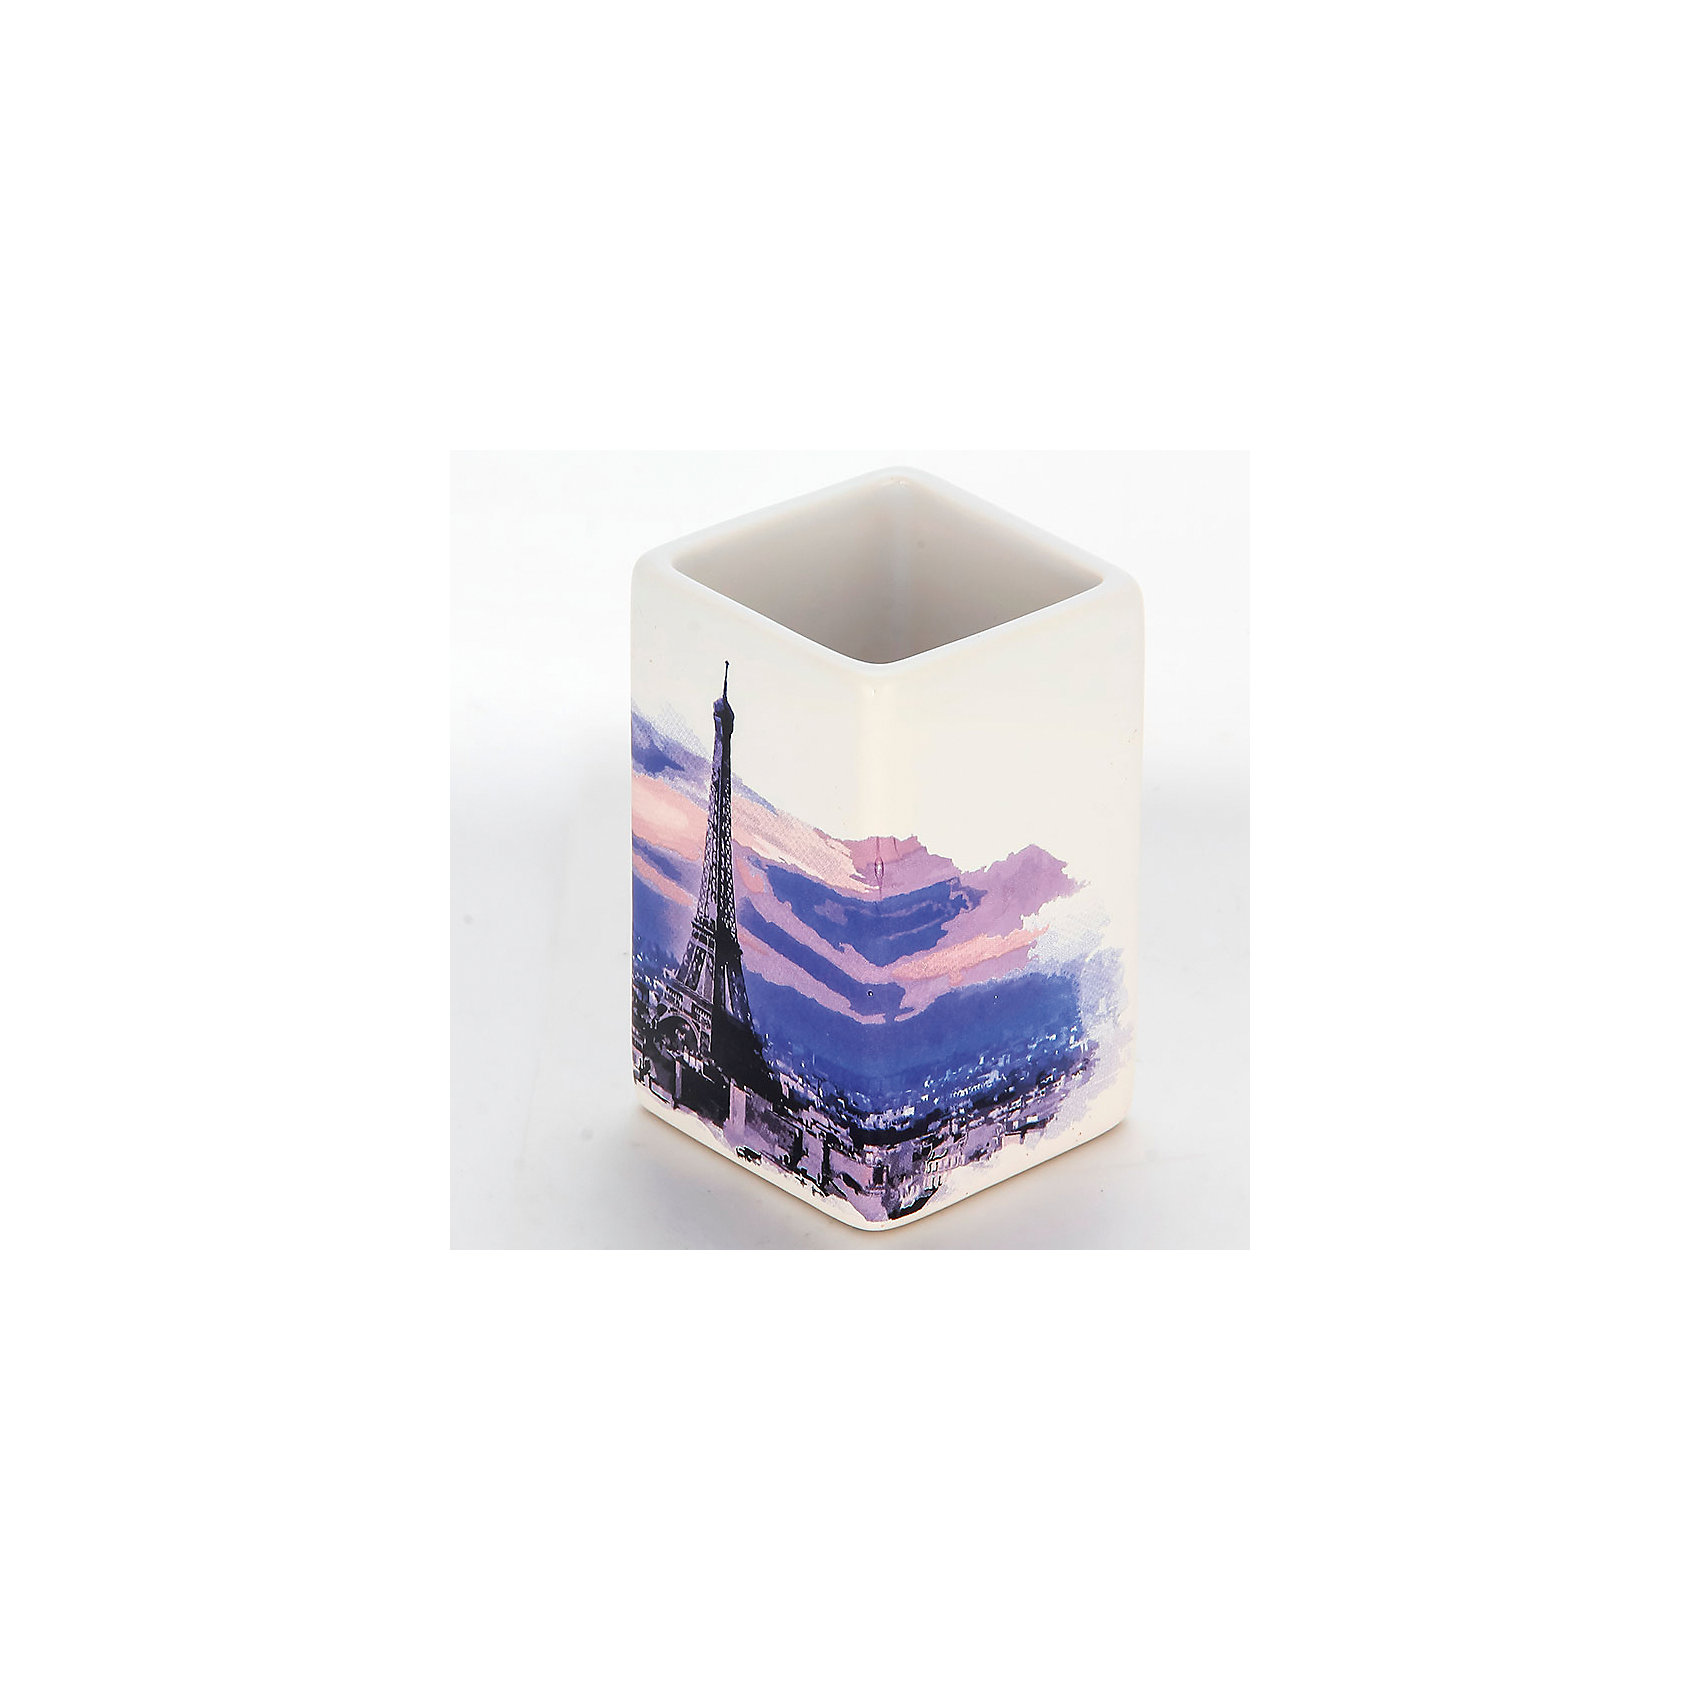 Стакан для ванной комнаты Париж TU-P, Рыжий котВанная комната<br>Стакан для ванной комнаты Париж TU-P, Рыжий кот<br><br>Характеристики:<br><br>• привлекательный дизайн<br>• размер: 6,6х6,6х10,5 см<br>• материал: керамика<br><br>Стакан Париж - красивый и полезный аксессуар для вашей ванной комнаты. Он имеет одно вместительное отделение, подходящее для хранения гигиенических принадлежностей. Стакан изготовлен из керамики с изображением Эйфелевой башни.<br><br>Стакан для ванной комнаты Париж TU-P, Рыжий кот вы можете купить в нашем интернет-магазине.<br><br>Ширина мм: 80<br>Глубина мм: 90<br>Высота мм: 120<br>Вес г: 263<br>Возраст от месяцев: 12<br>Возраст до месяцев: 216<br>Пол: Унисекс<br>Возраст: Детский<br>SKU: 5454088